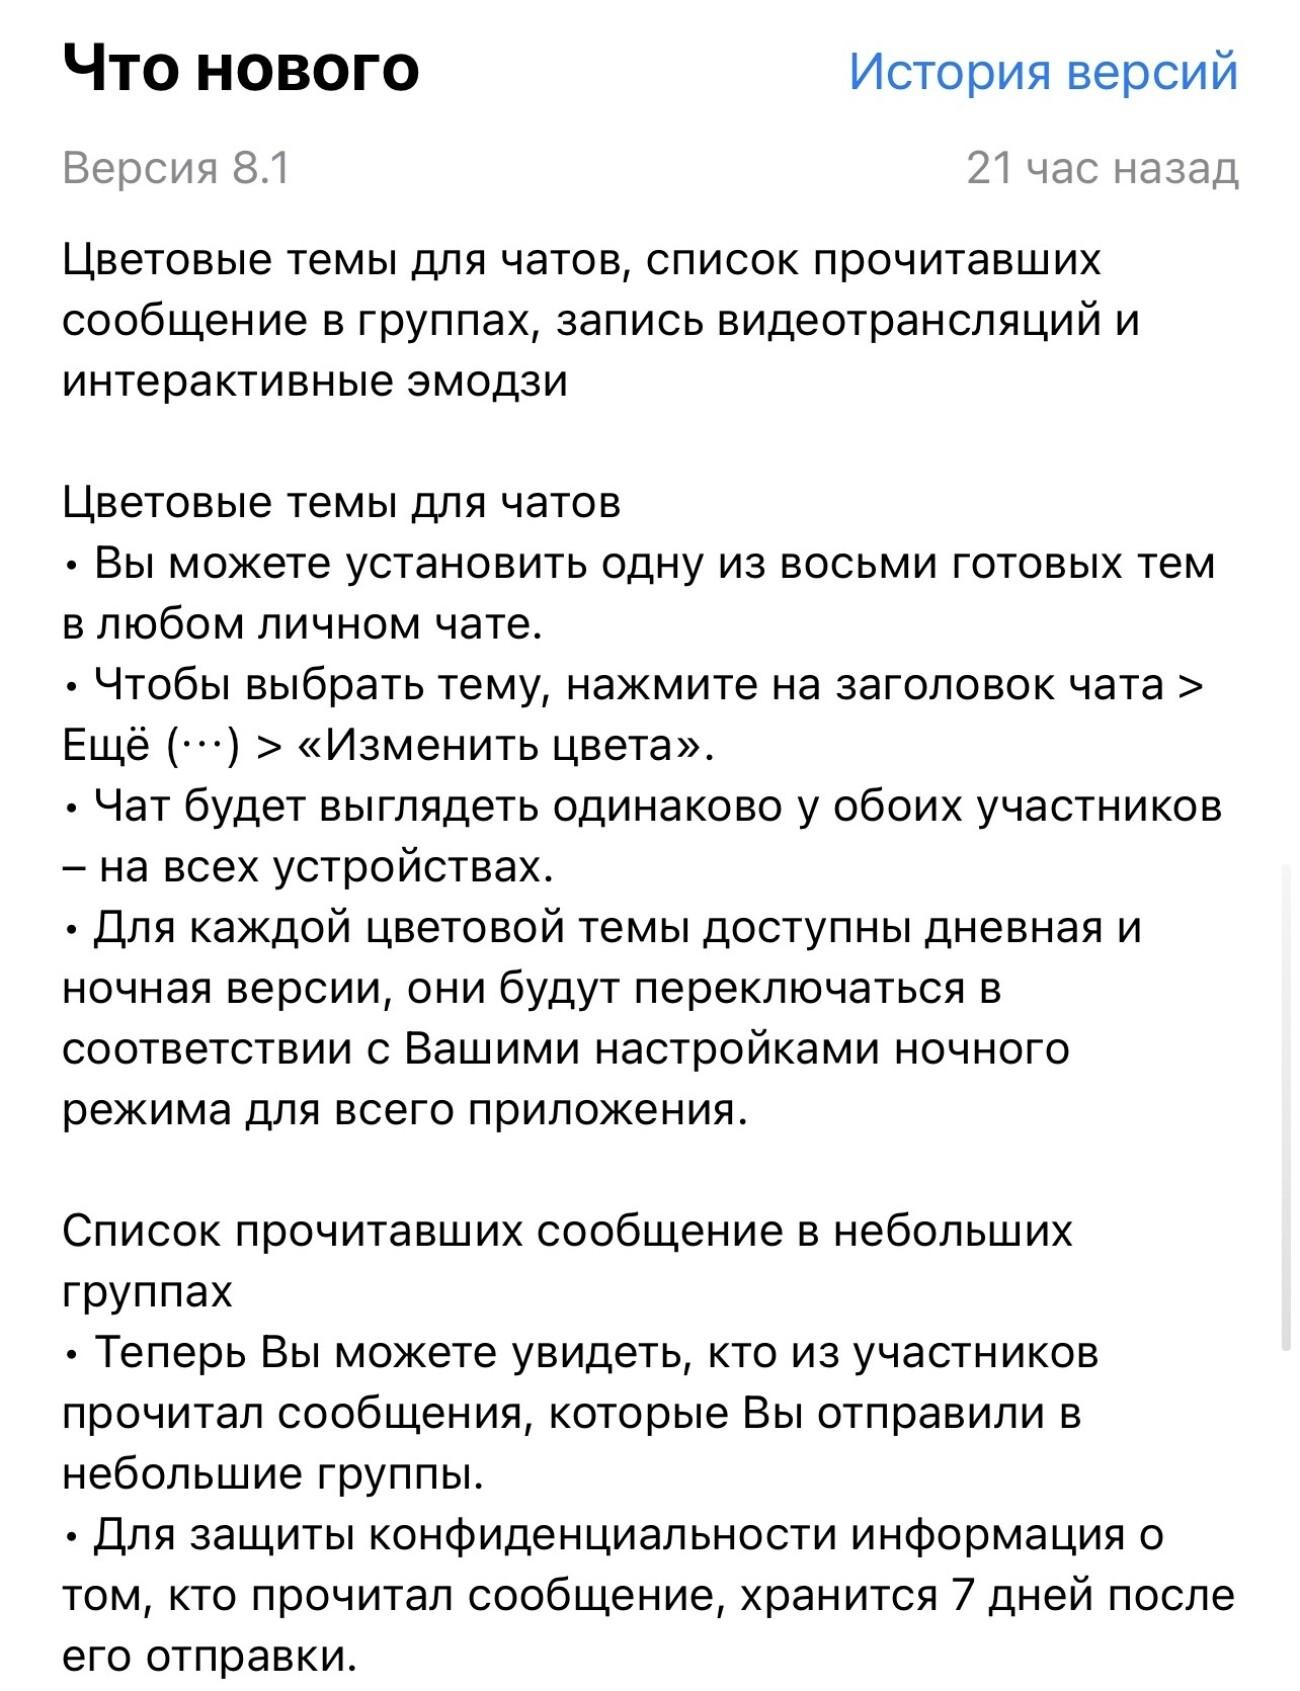 Дуров объявил о крупном обновлении телеграма. По данным СМИ, его не одобряли, пока не удалили бота «Умного голосования»